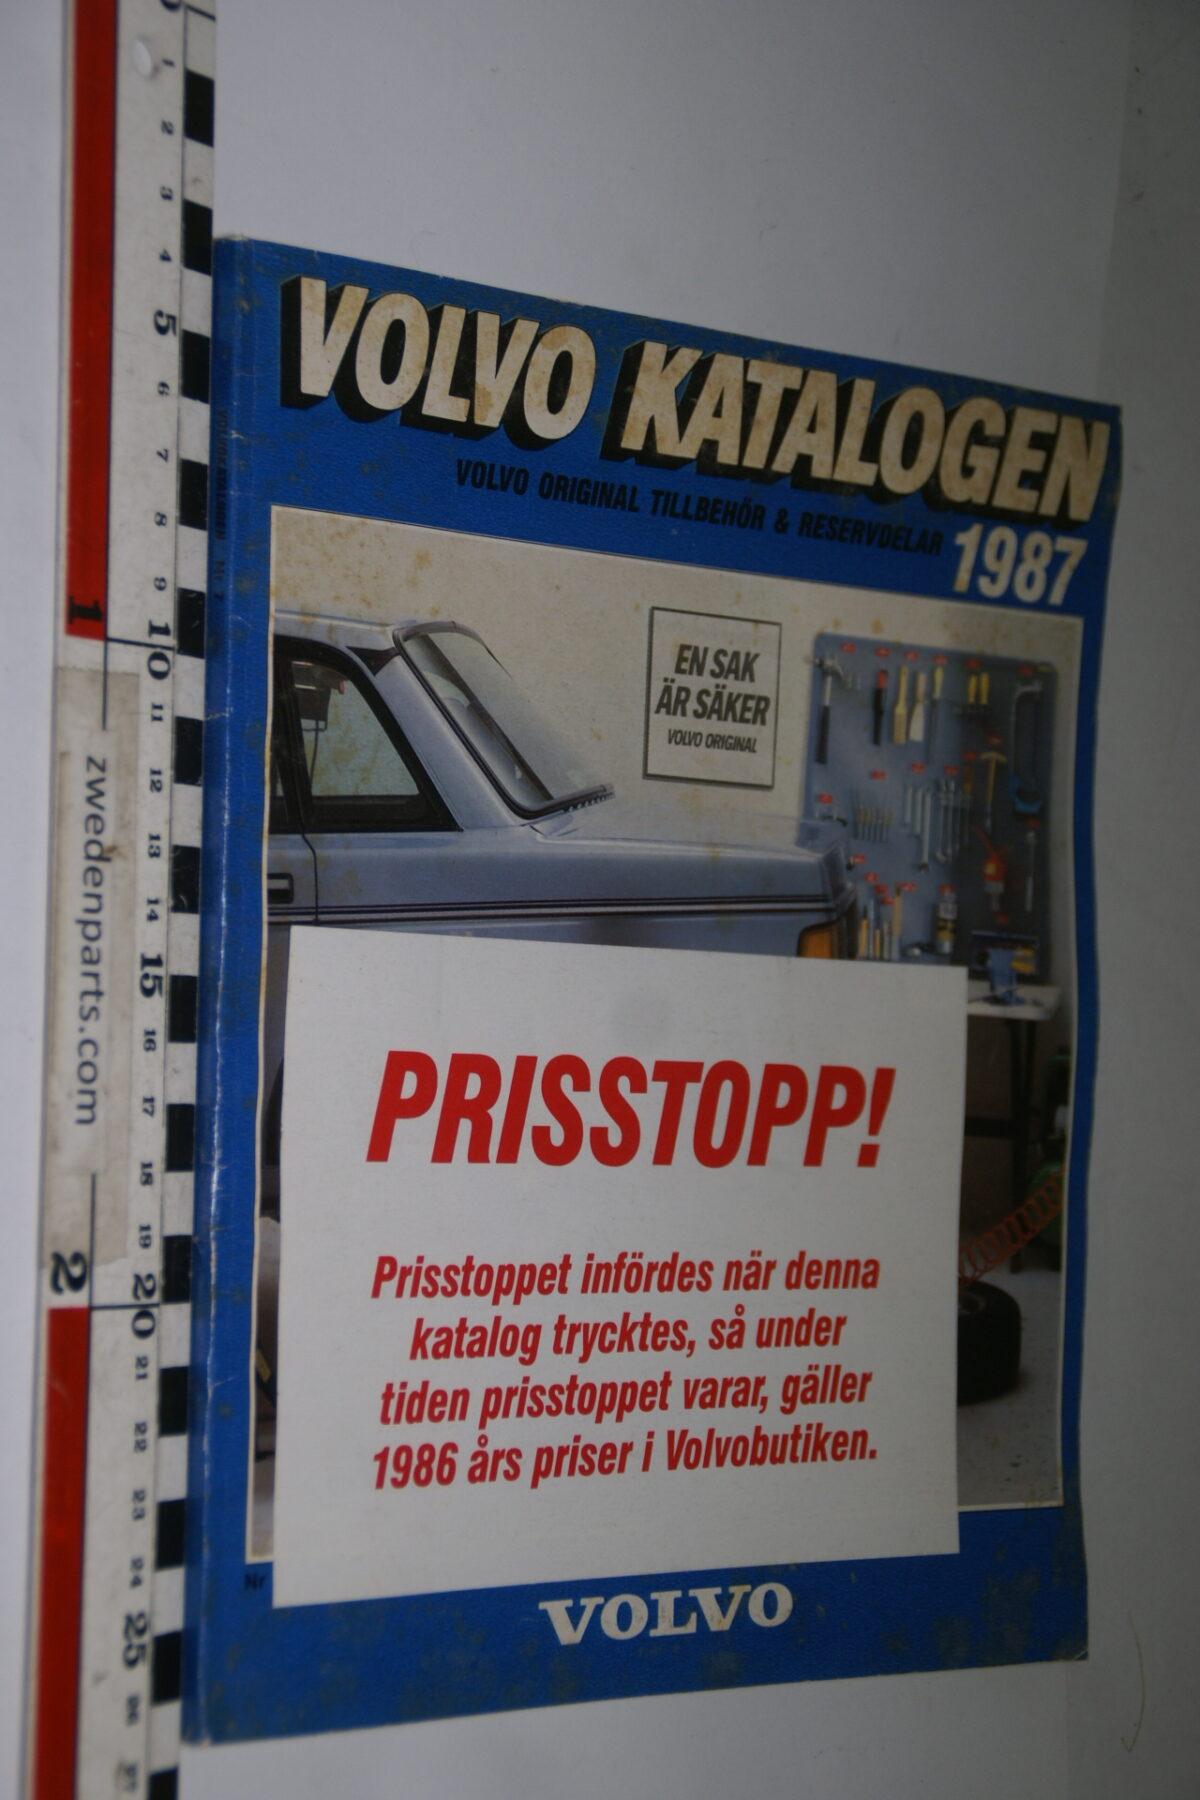 DSC04726 1987 origineel boek Volvokatalogen-9d7f7c37